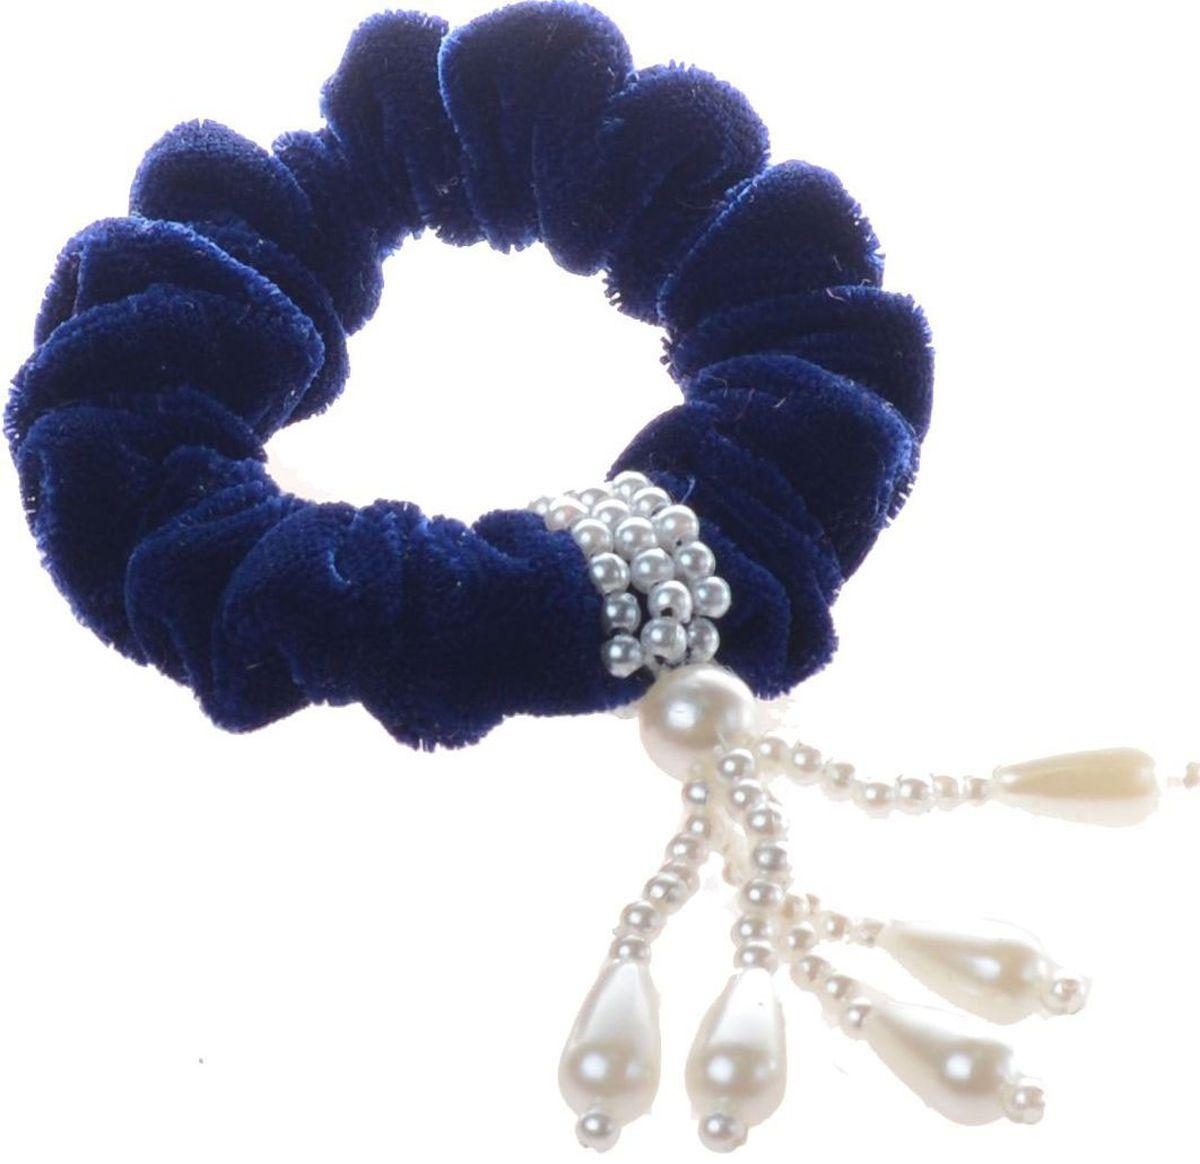 Резинка для волос Malina By Андерсен Квин, цвет: синий. 31702рс4231702рс42Резинка для волос поможет подчеркнуть вашу индивидуальность и стиль. С помощью резинки вы сможете уложить волосы в элегантную прическу.